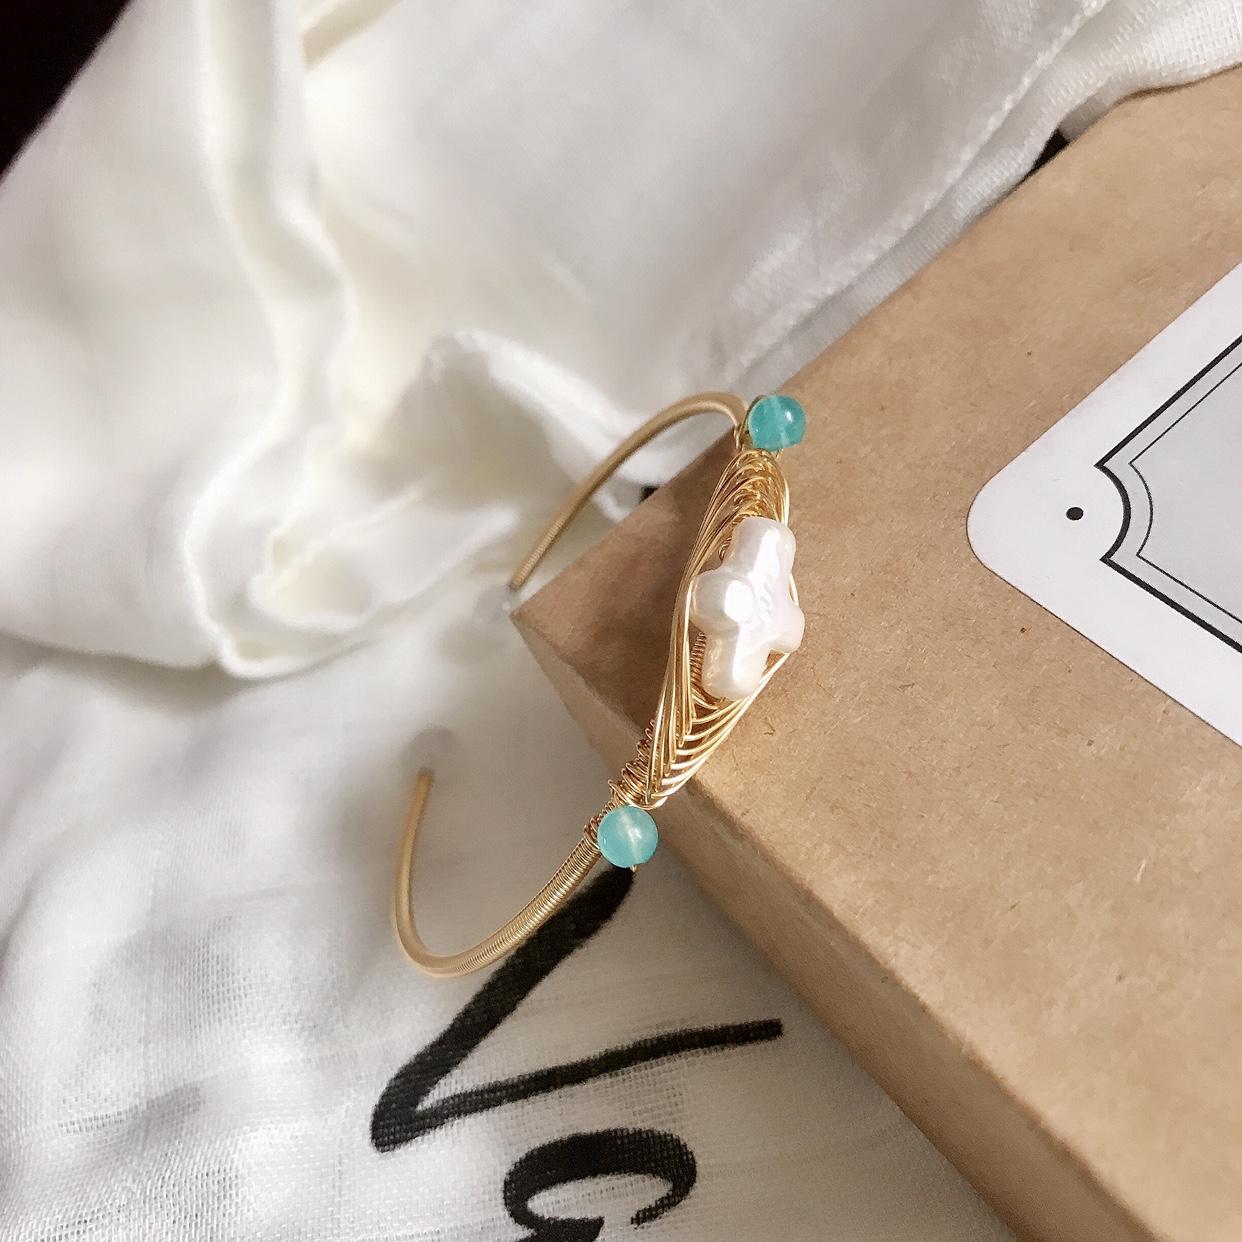 原创设计手工包金绕线巴洛克风十字珍珠手镯少女气质复古超仙港风